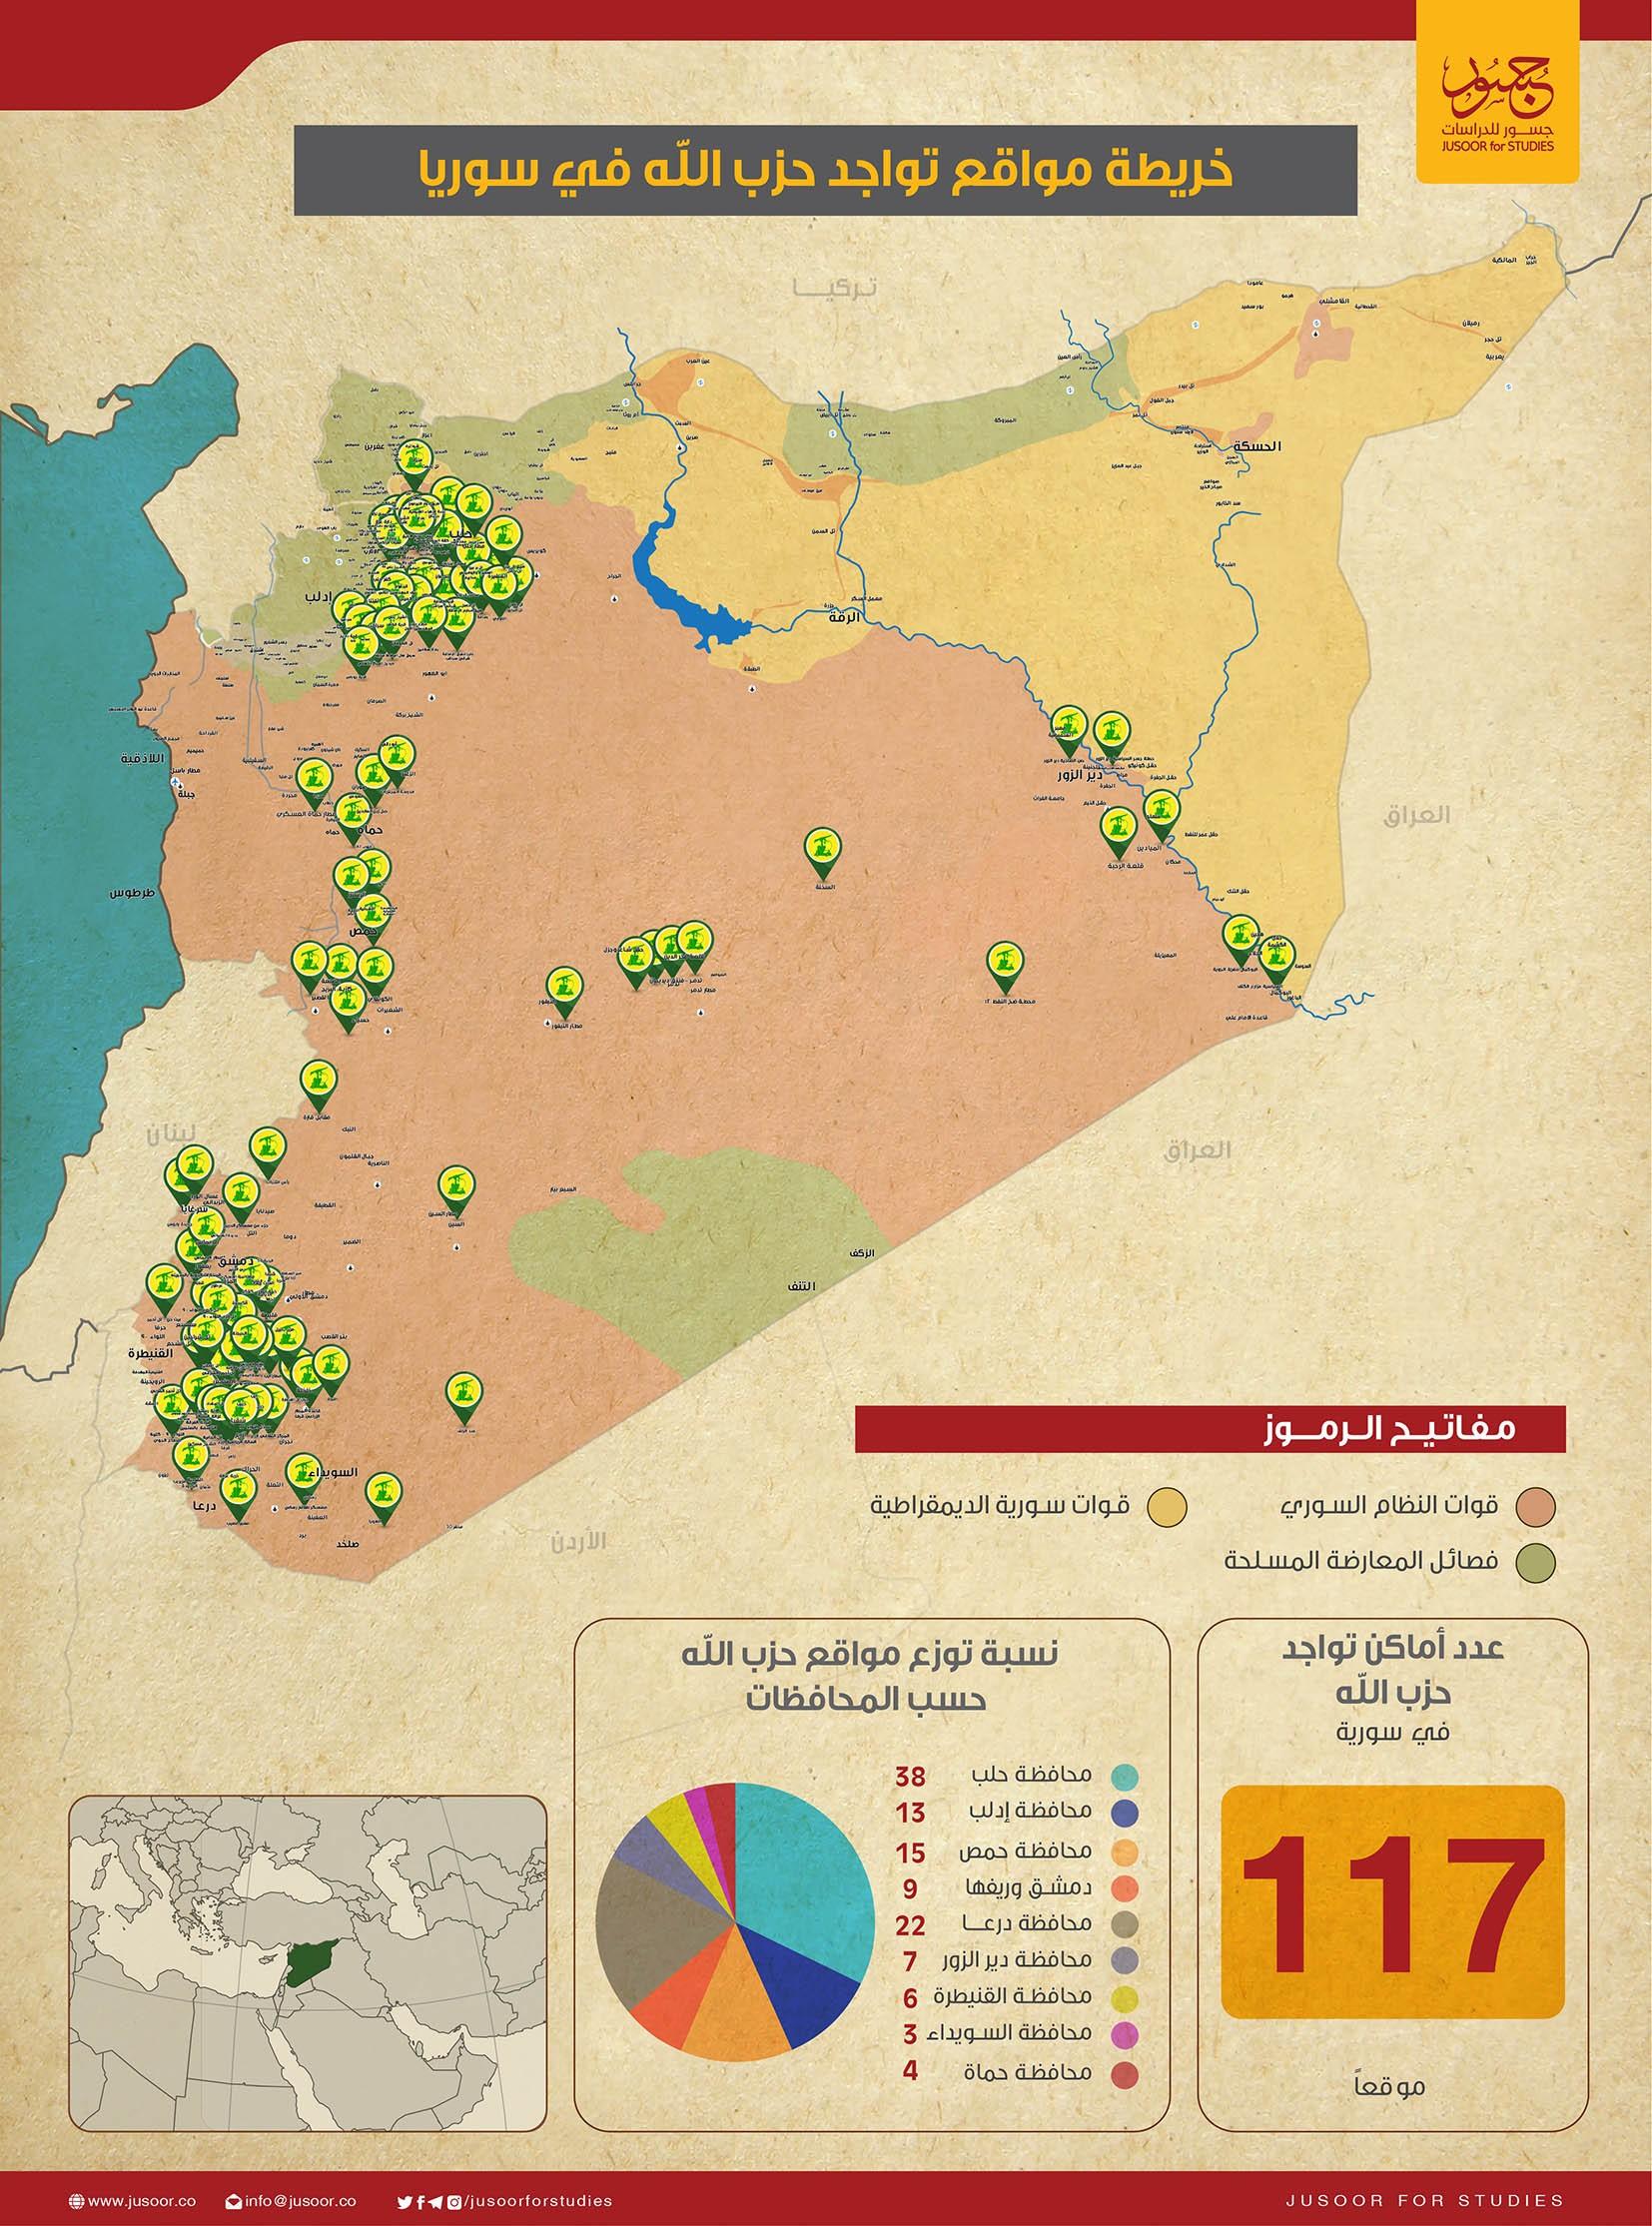 """بالخريطة .. دراسة عن مواقع """"حزب الله"""" اللبناني وانتشارها في سوريا"""